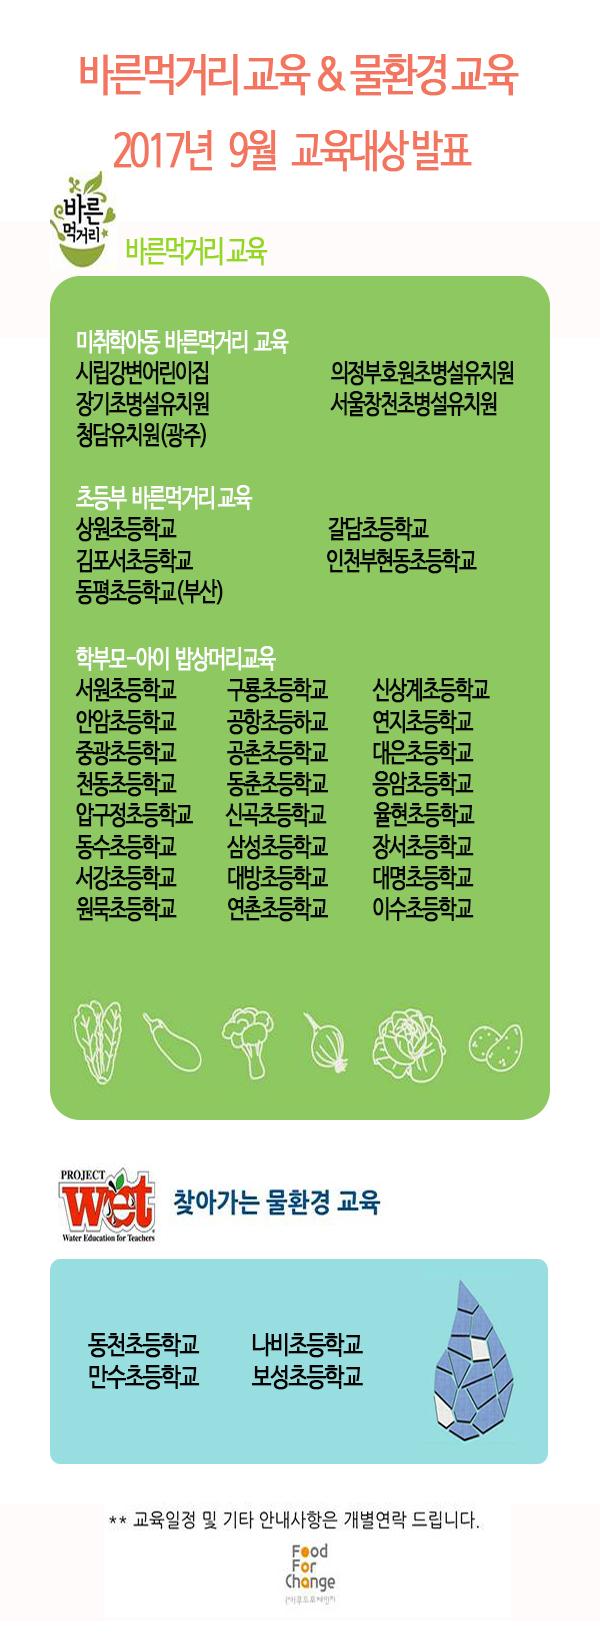 2017년 9월 교육지선정 -1.jpg